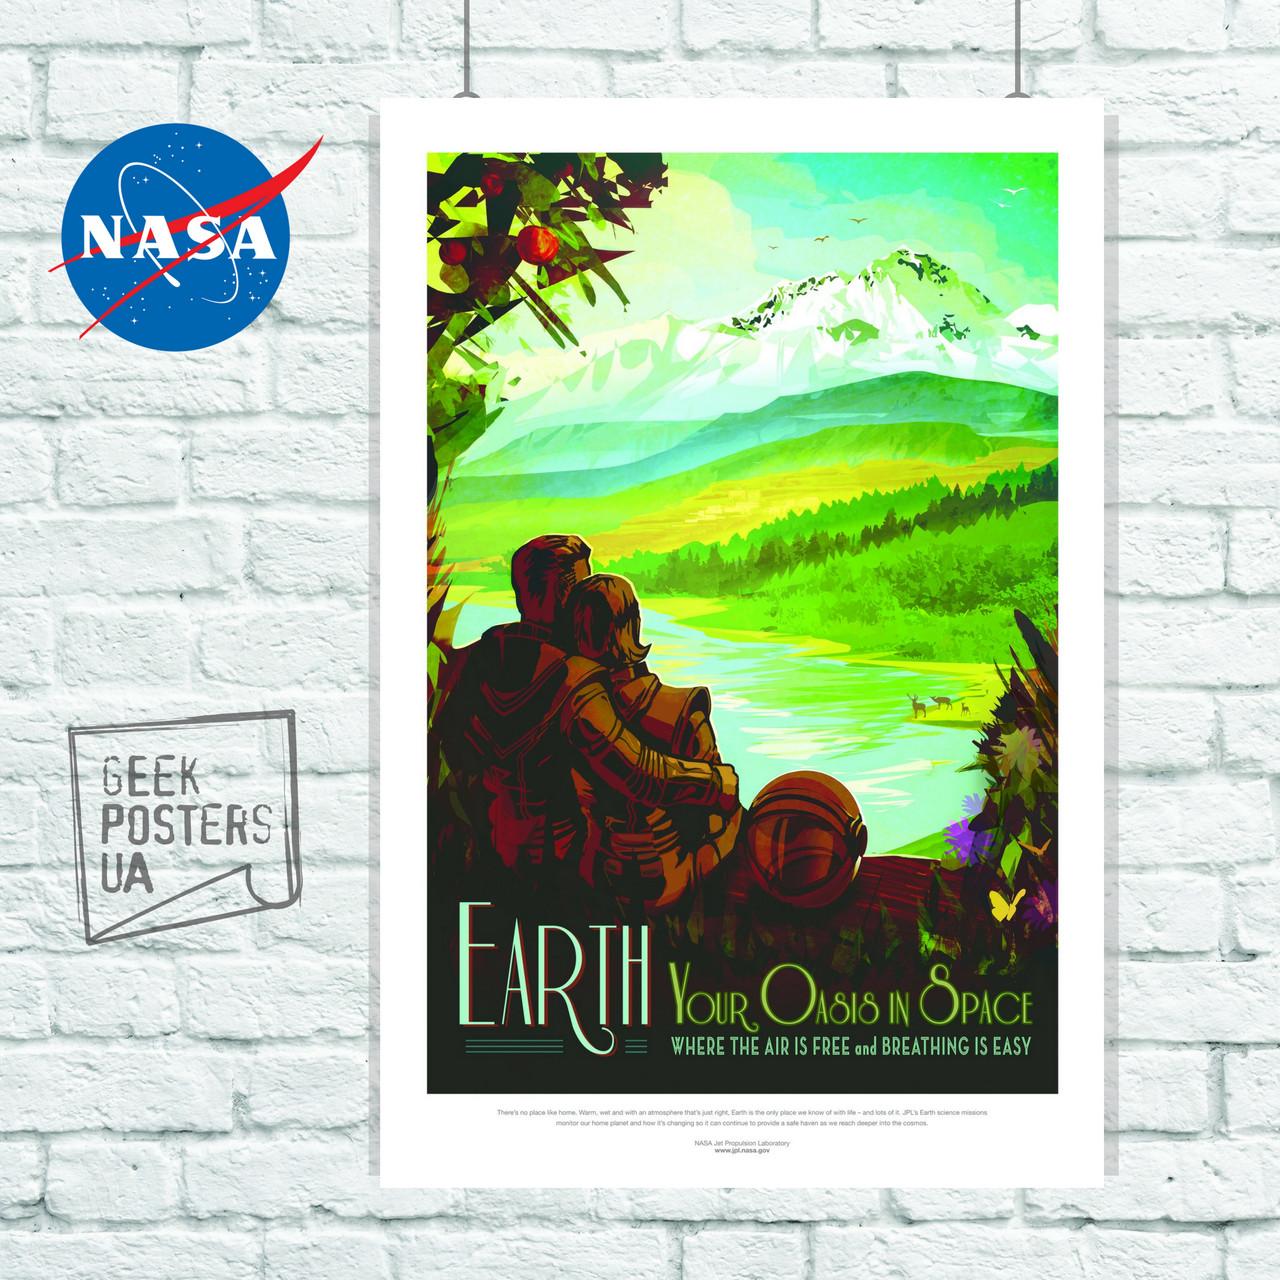 """Постер """"Earth, Oasis in Space"""". НАСА, NASA, Земля. Размер 60x40см (A2). Глянцевая бумага"""